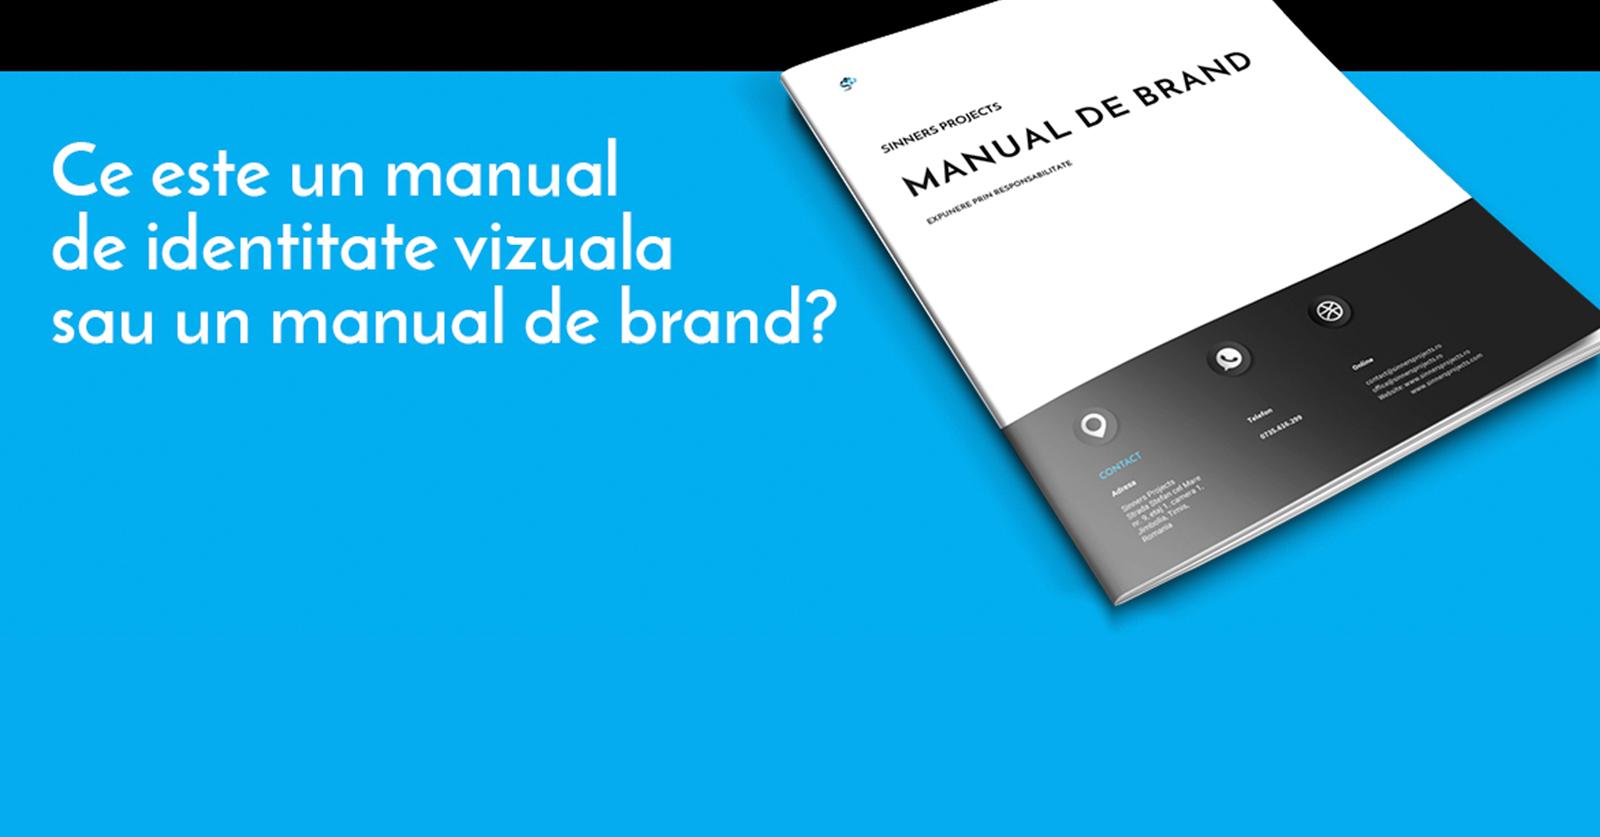 Ce este un manual de identitate vizuala sau manual de brand?